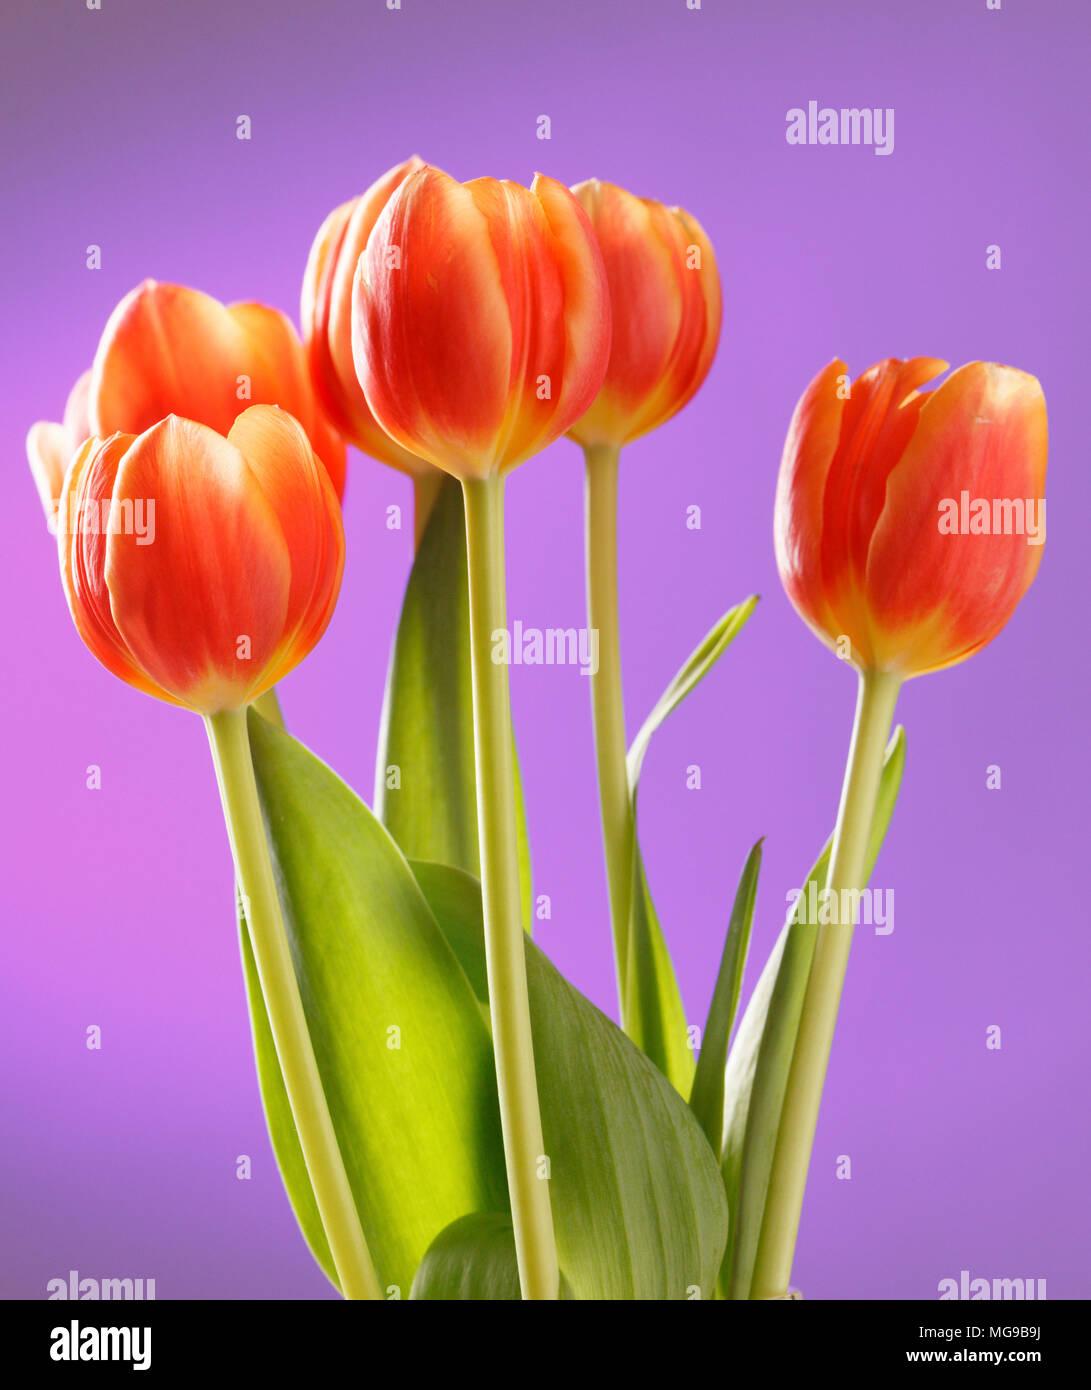 Tulip (Tulipa sp.) flowers. - Stock Image